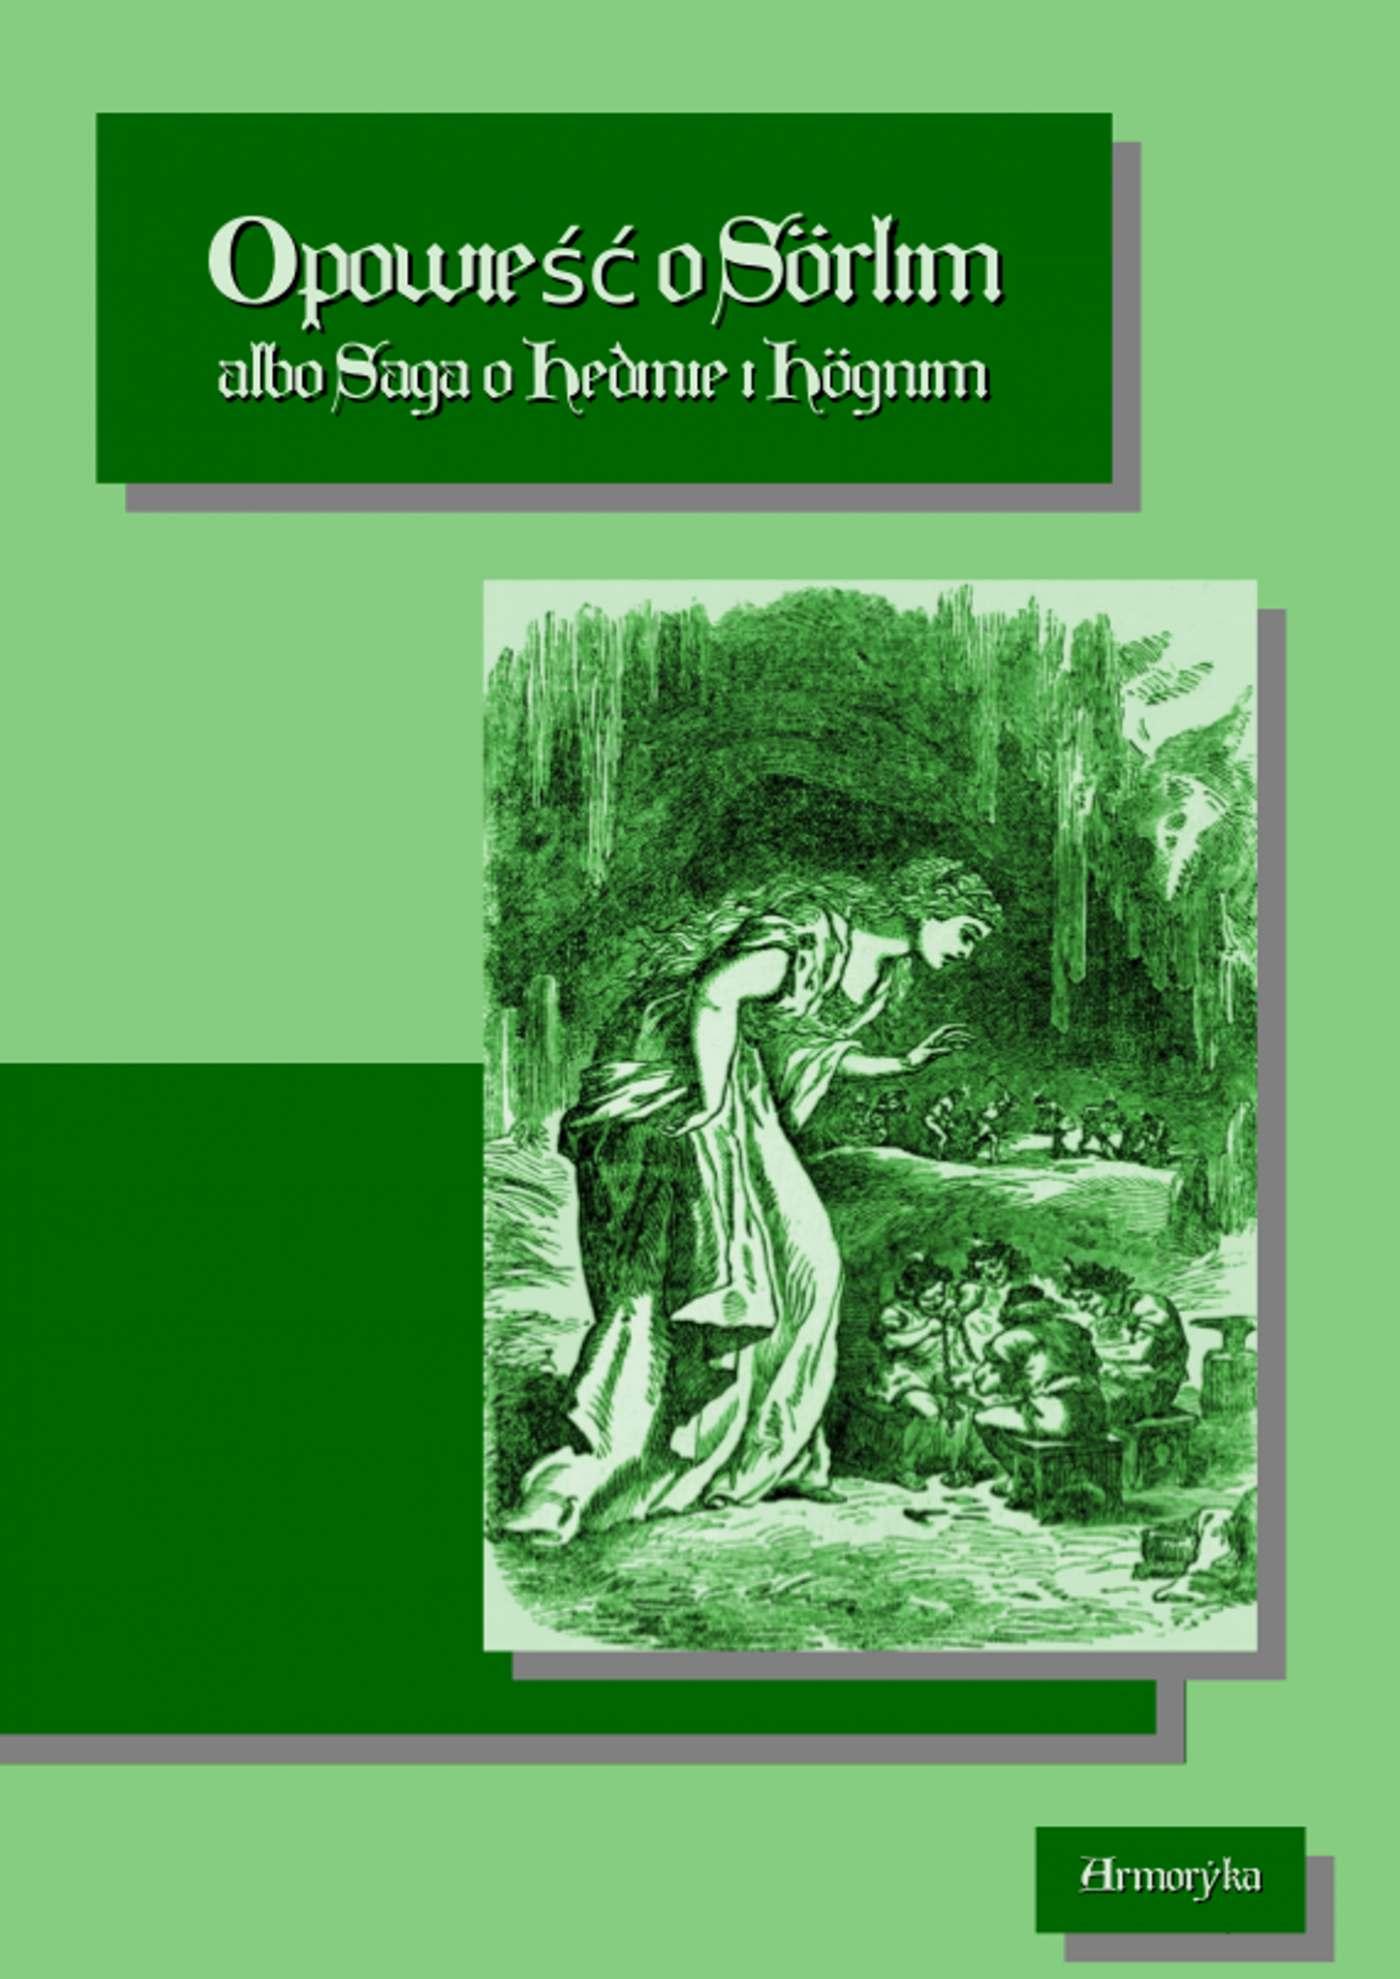 Opowieść o Sorlim albo Saga o Hedinie i Hognim - Ebook (Książka PDF) do pobrania w formacie PDF